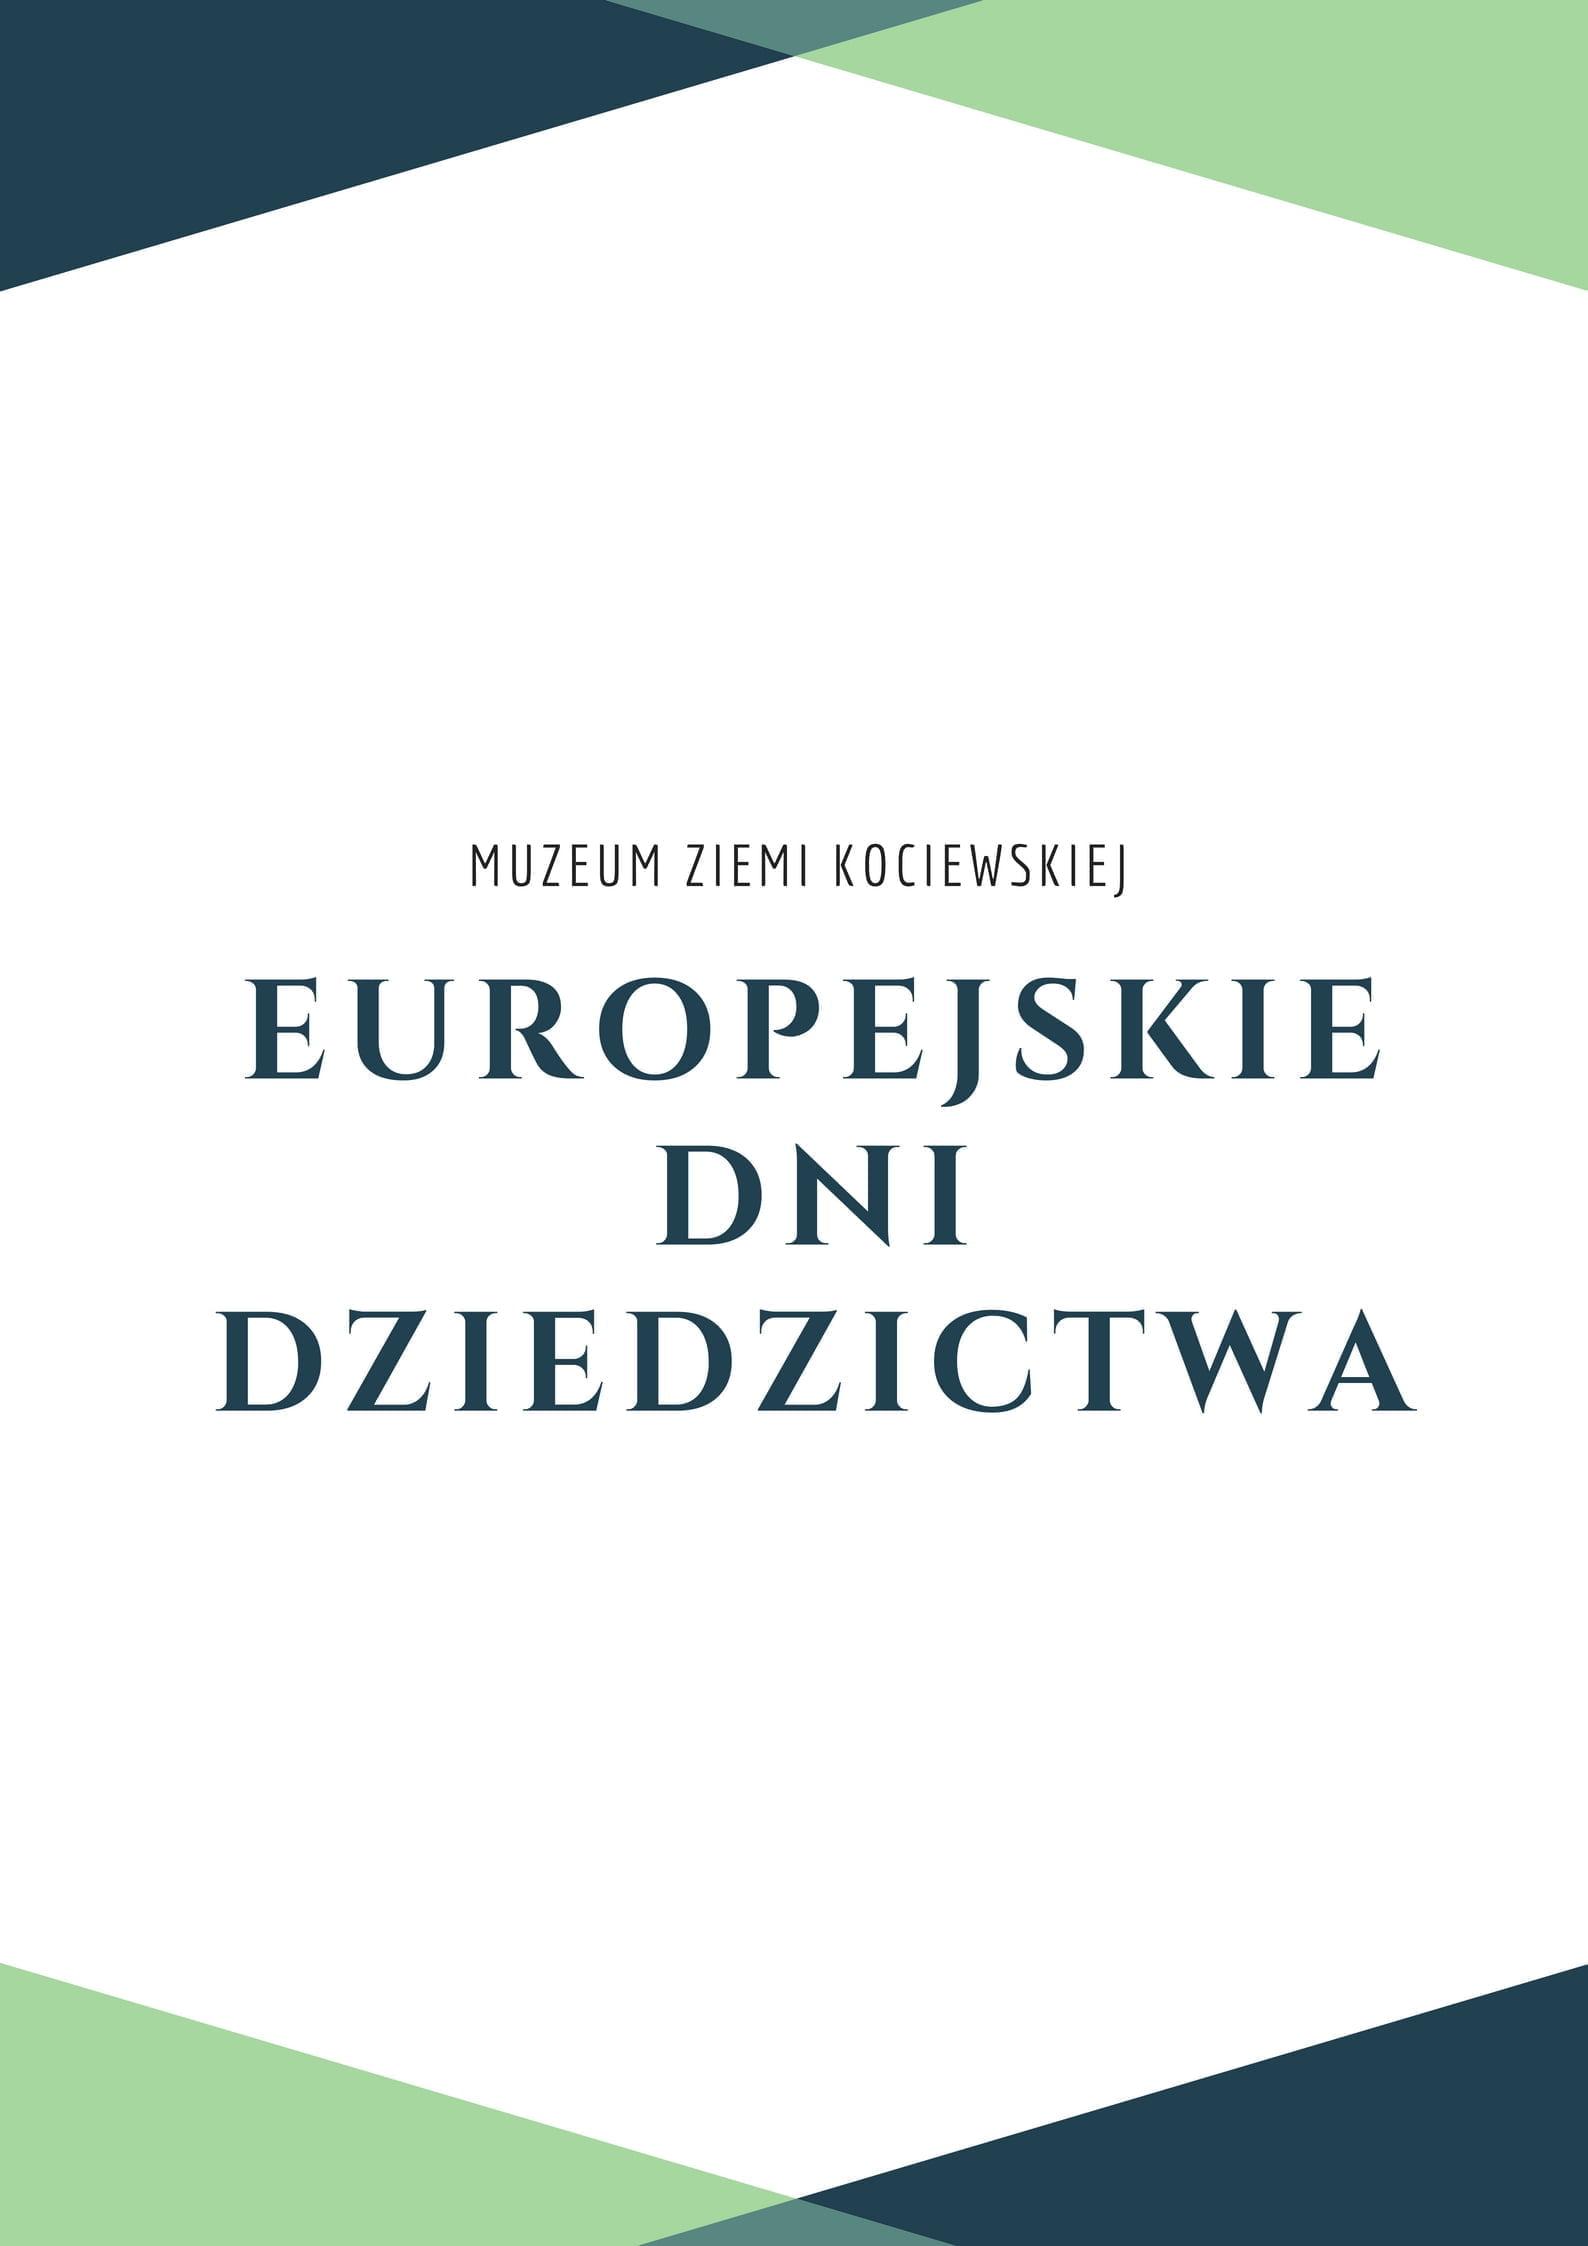 EUROPEJSKIE DNI DZIEDZICTWA